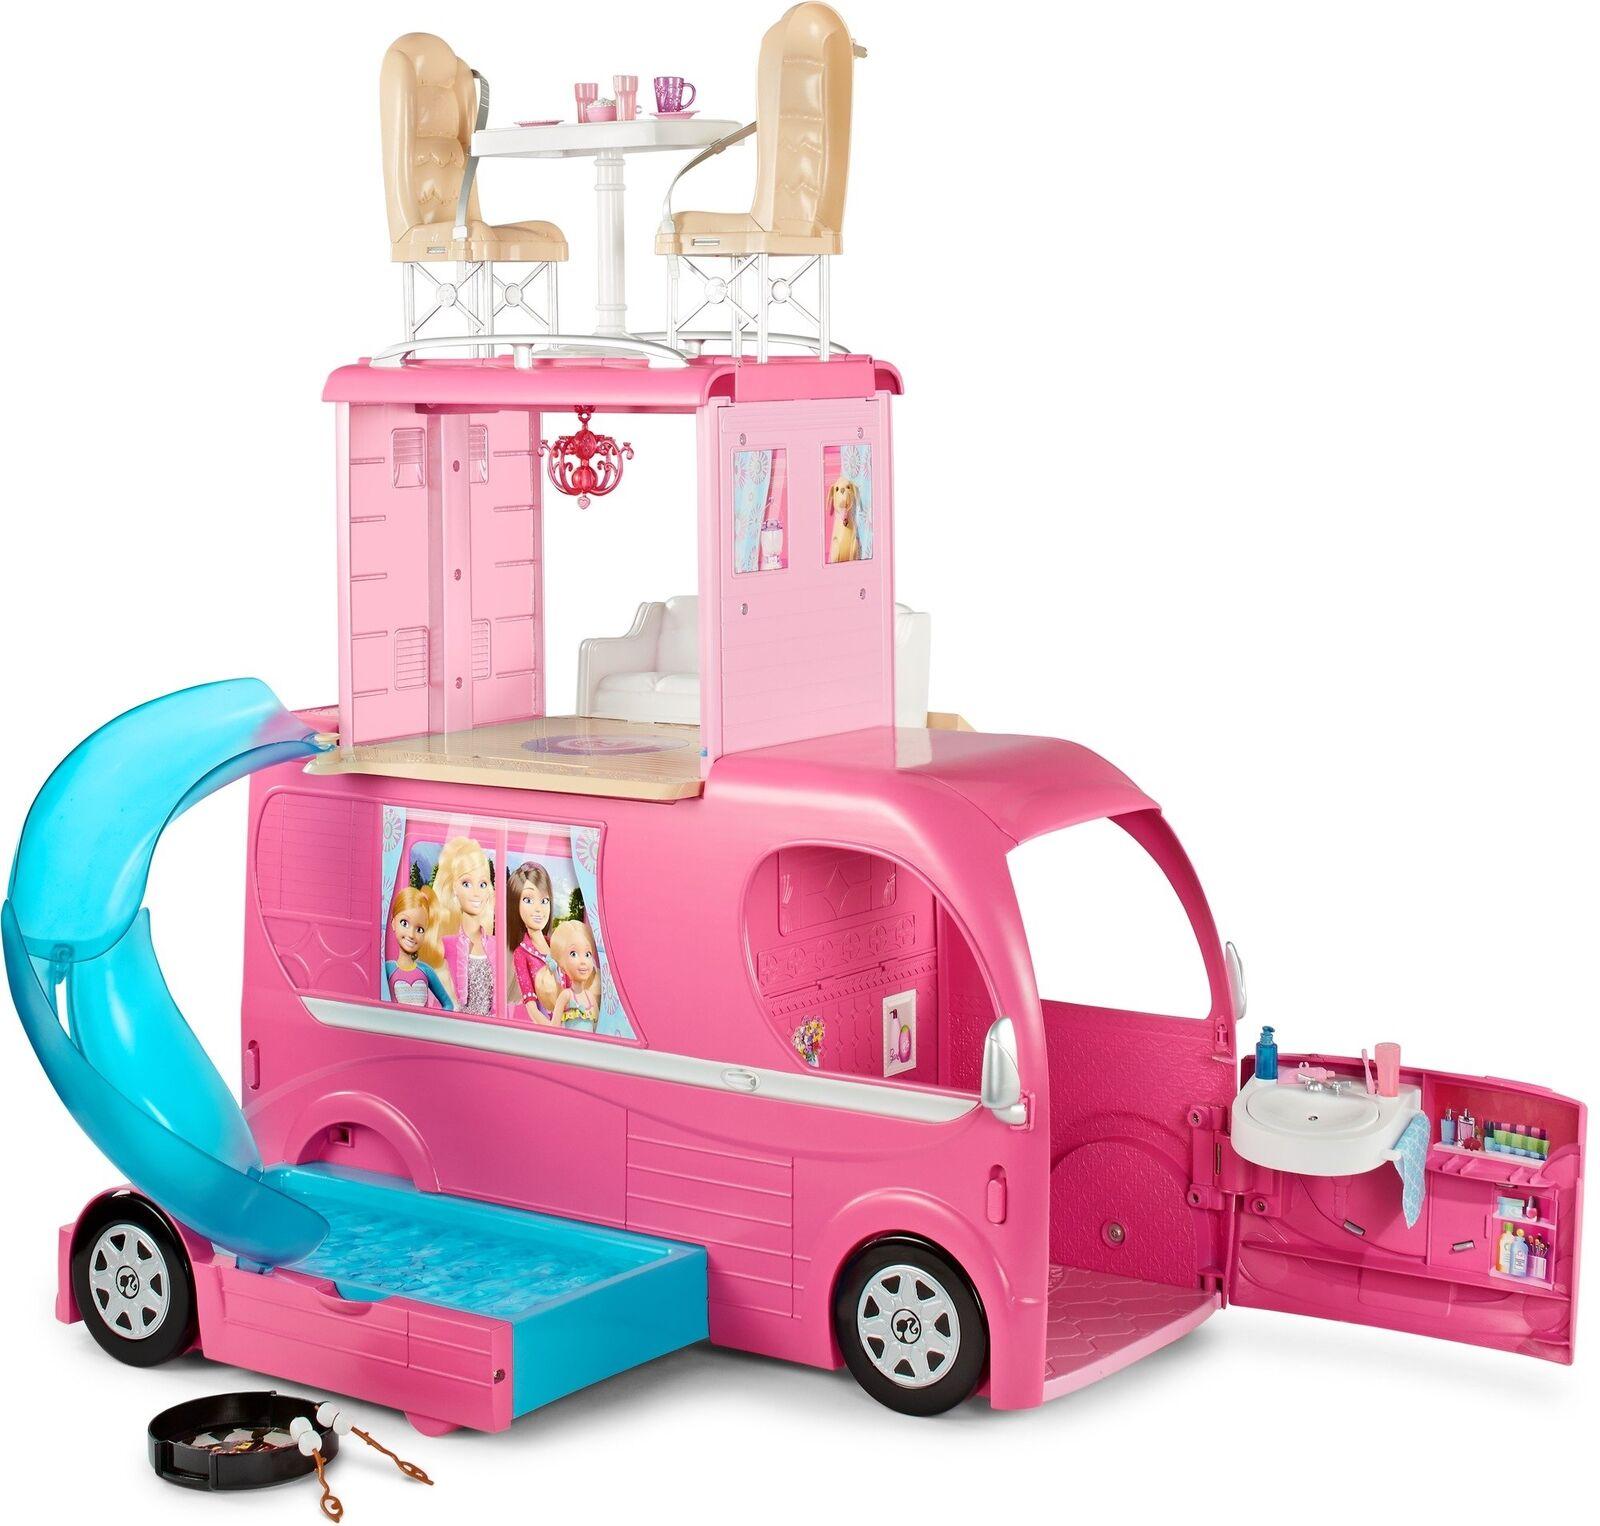 Barbie Pop-Up Camper Van trasformando veicolo con accessori Regno Unito GRATIS NUOVO